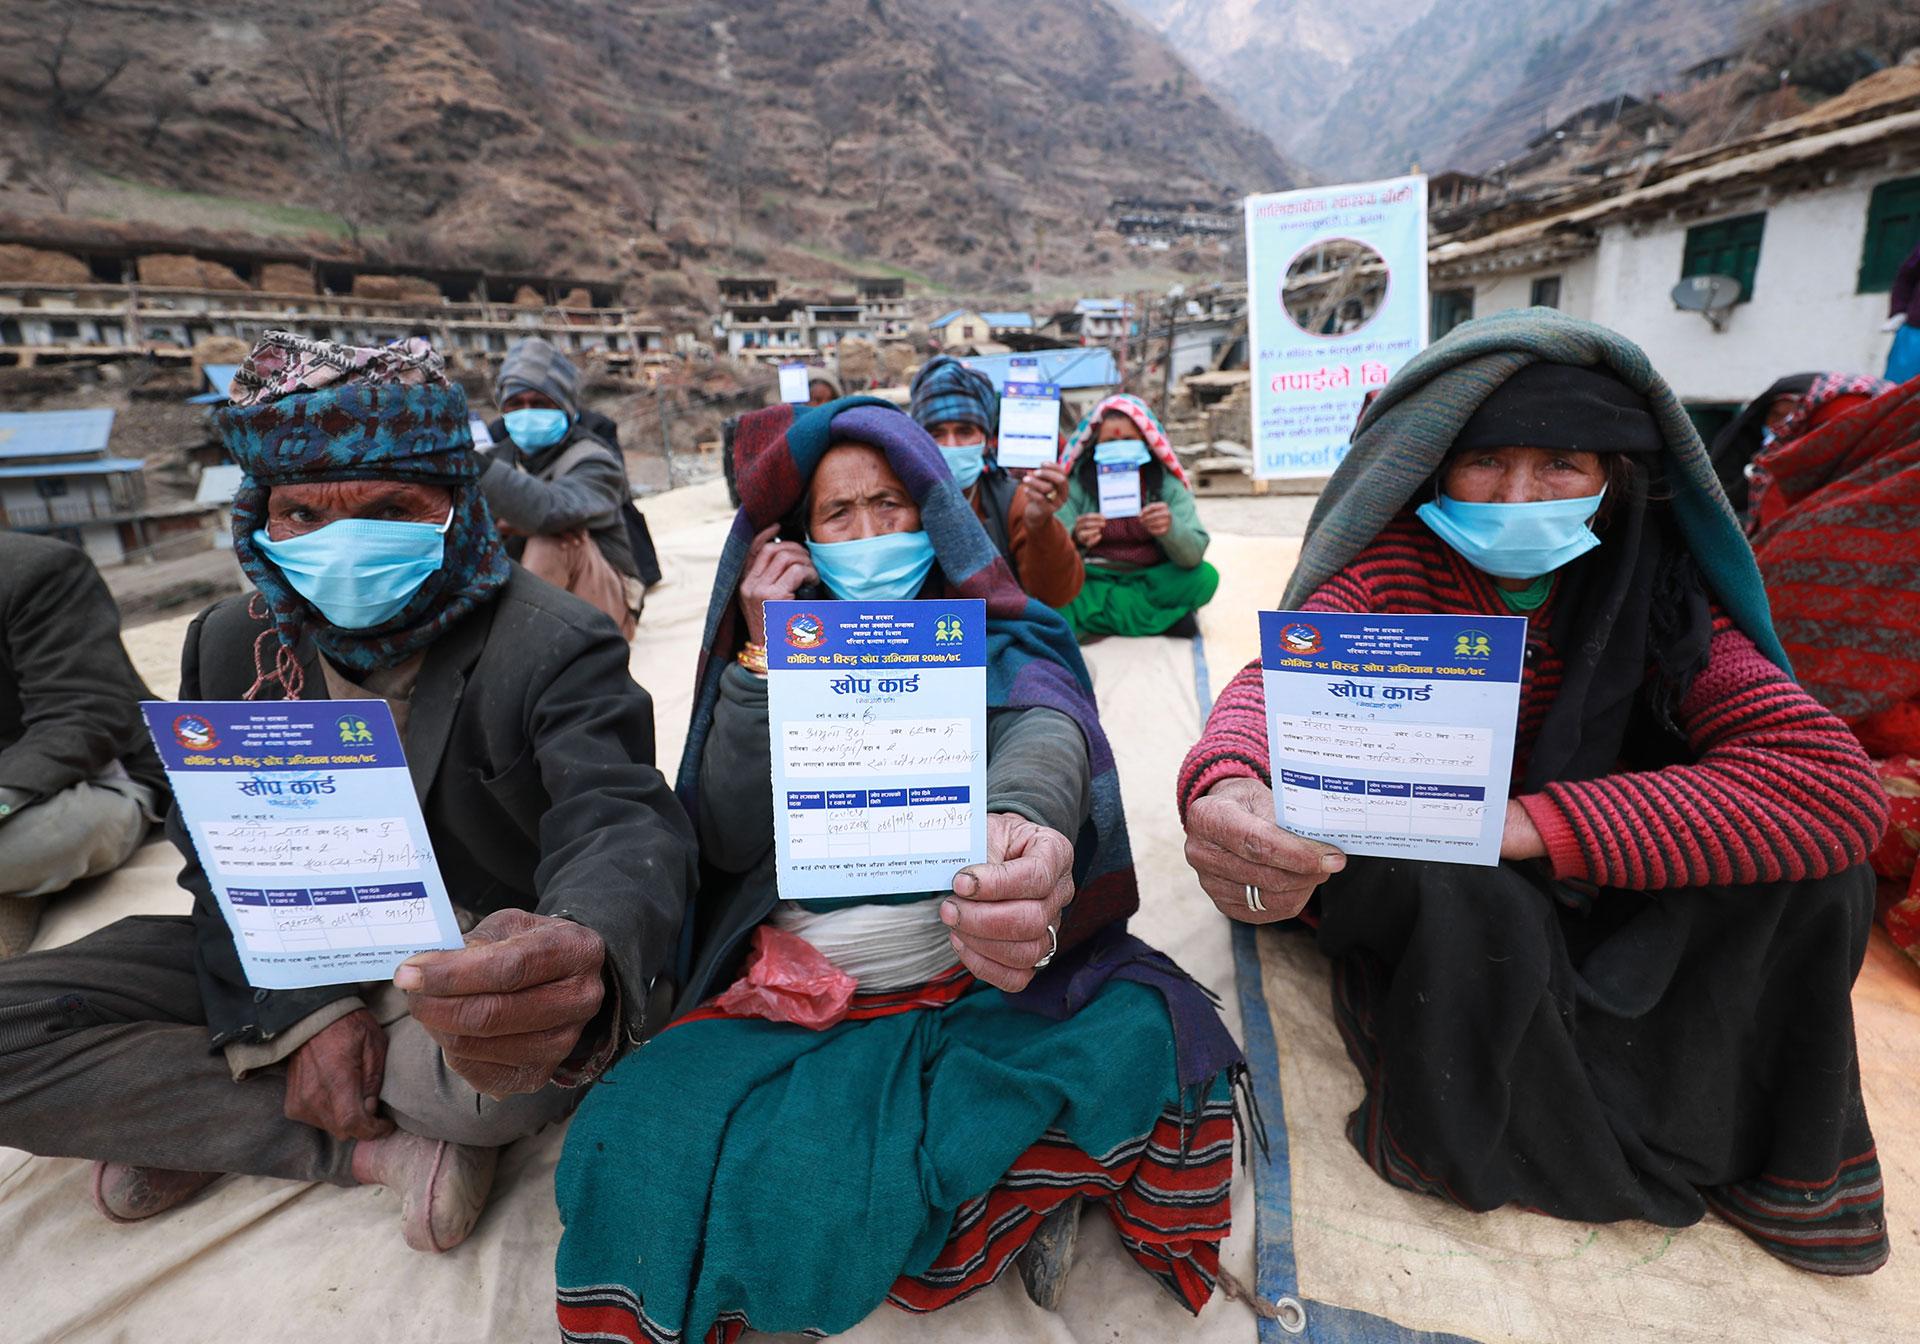 Kolme vanhusta esittelee rokotustodistuksia vuoristokylässä.